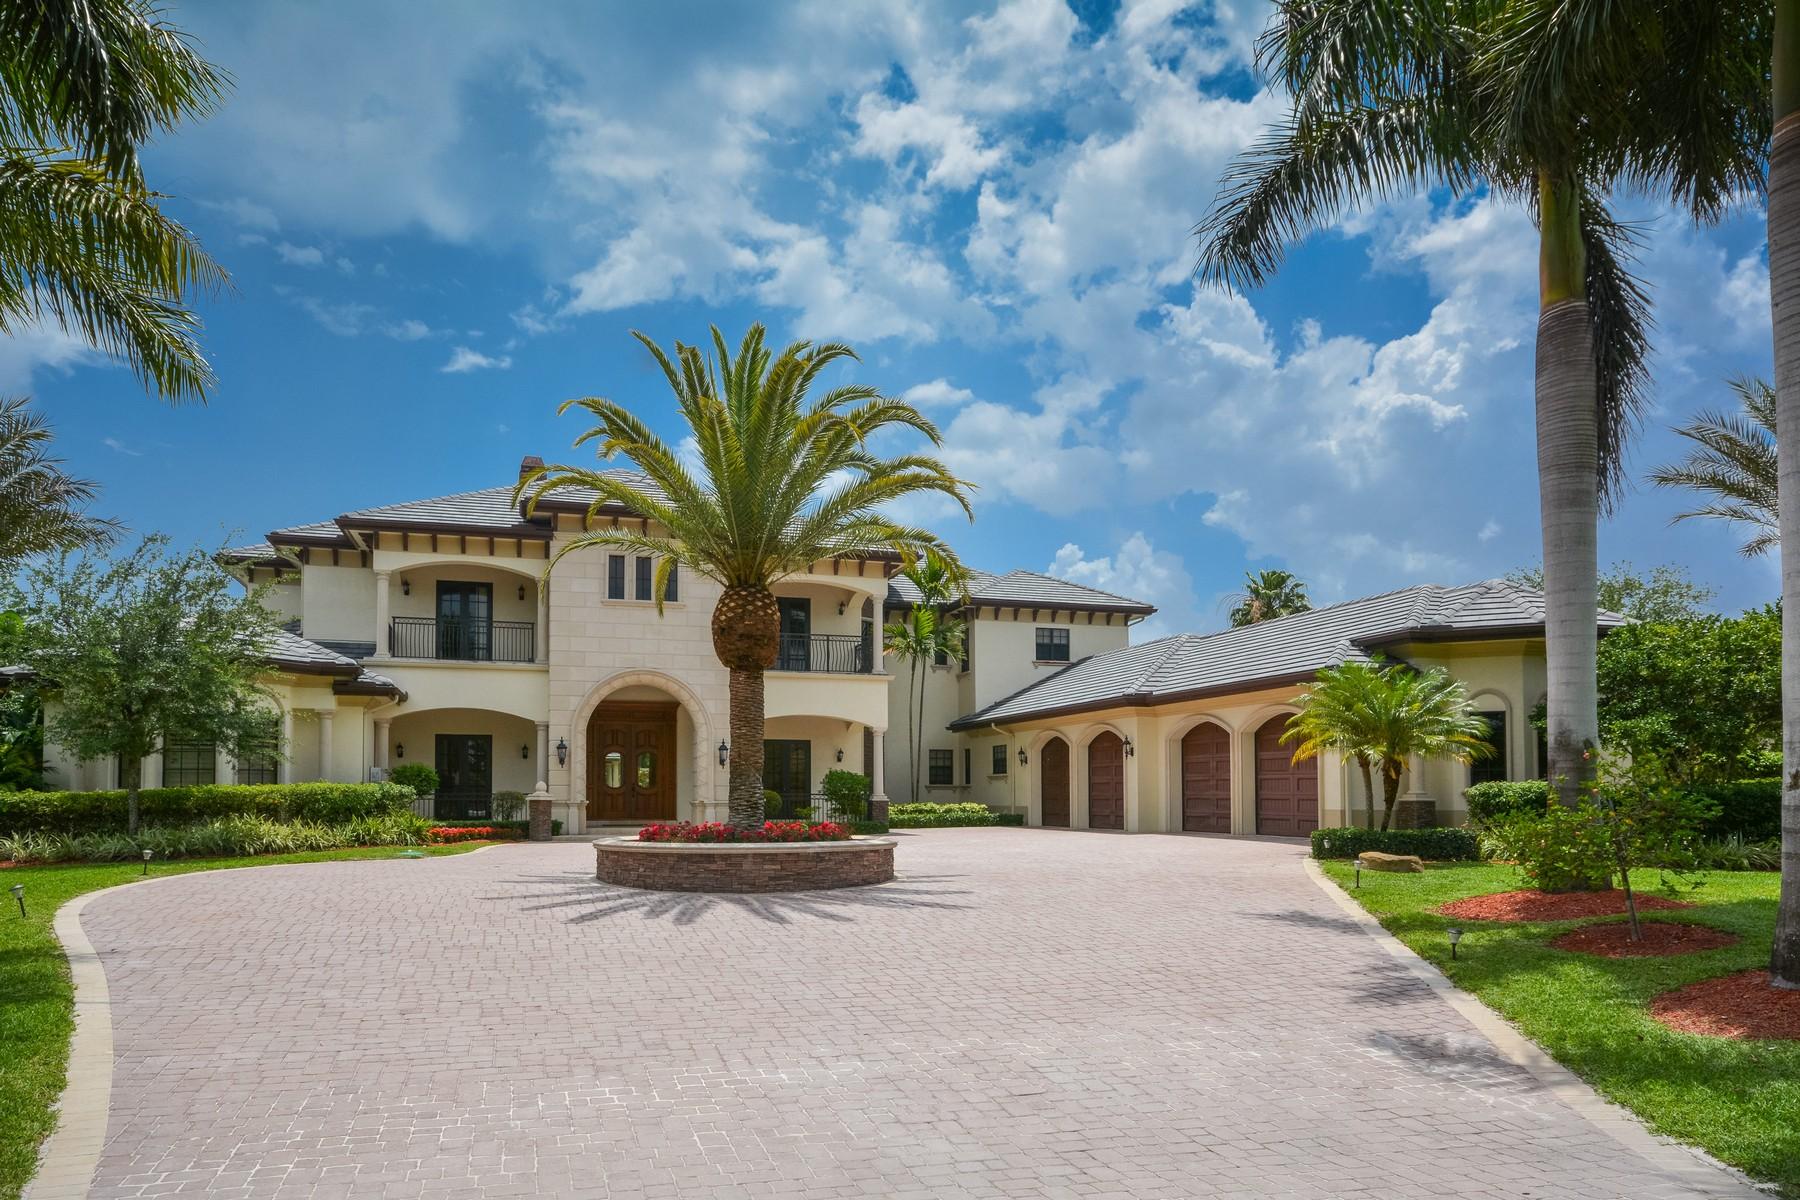 Частный односемейный дом для того Продажа на 9106 NW 66th Ln , Parkland, FL 33067 Parkland, Флорида, 33067 Соединенные Штаты